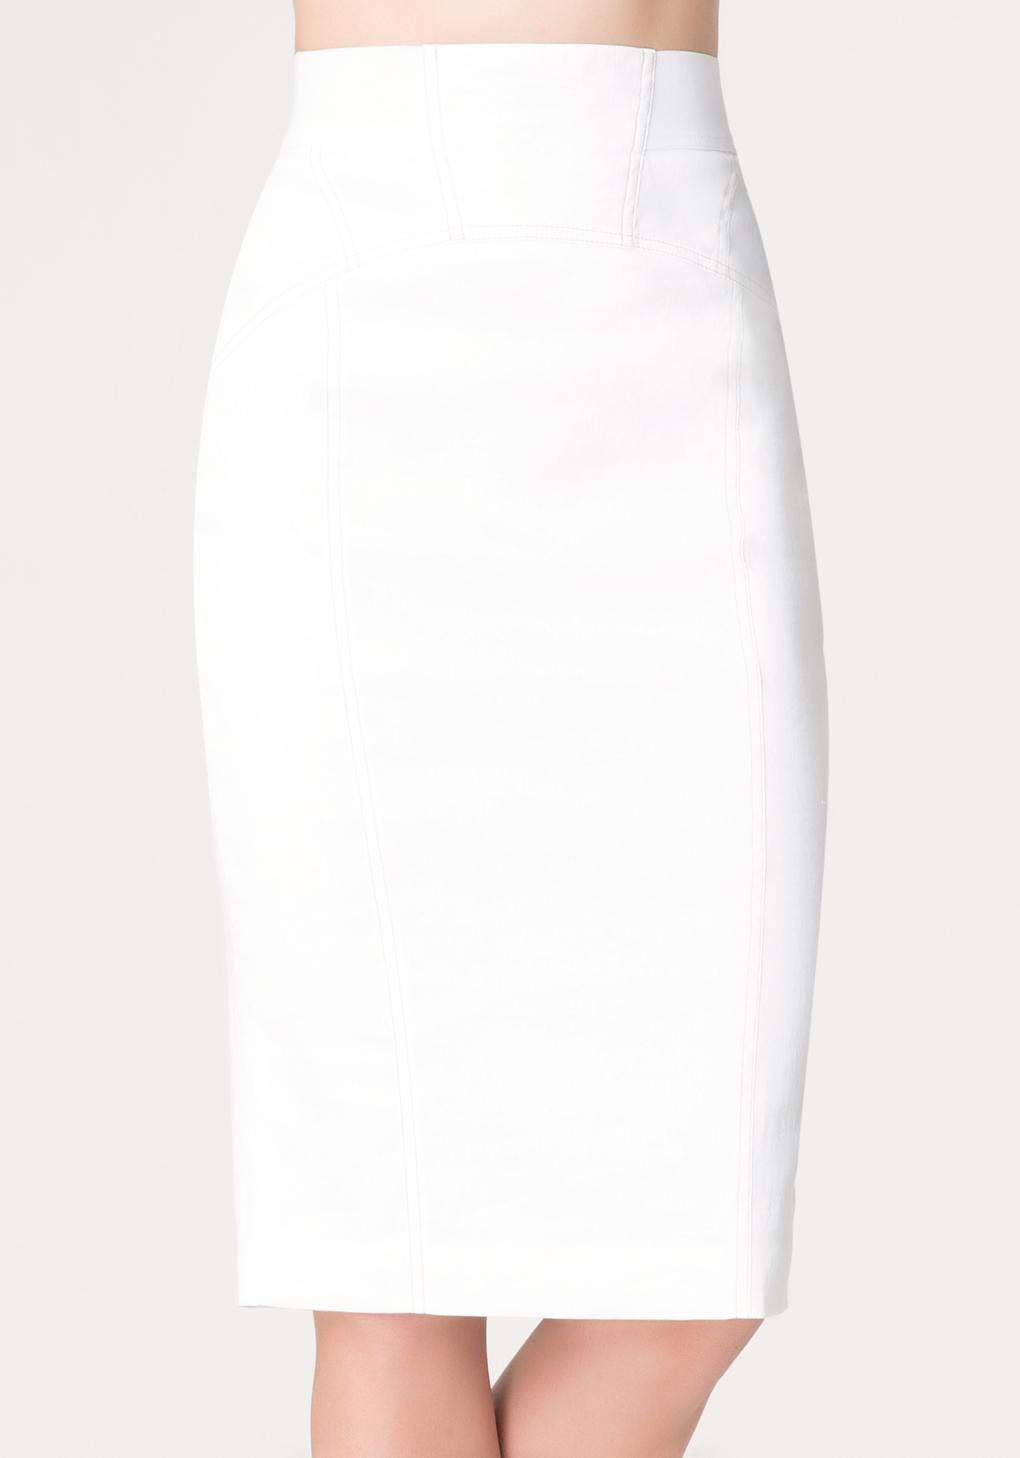 bebe neve desert pencil skirt in white lyst